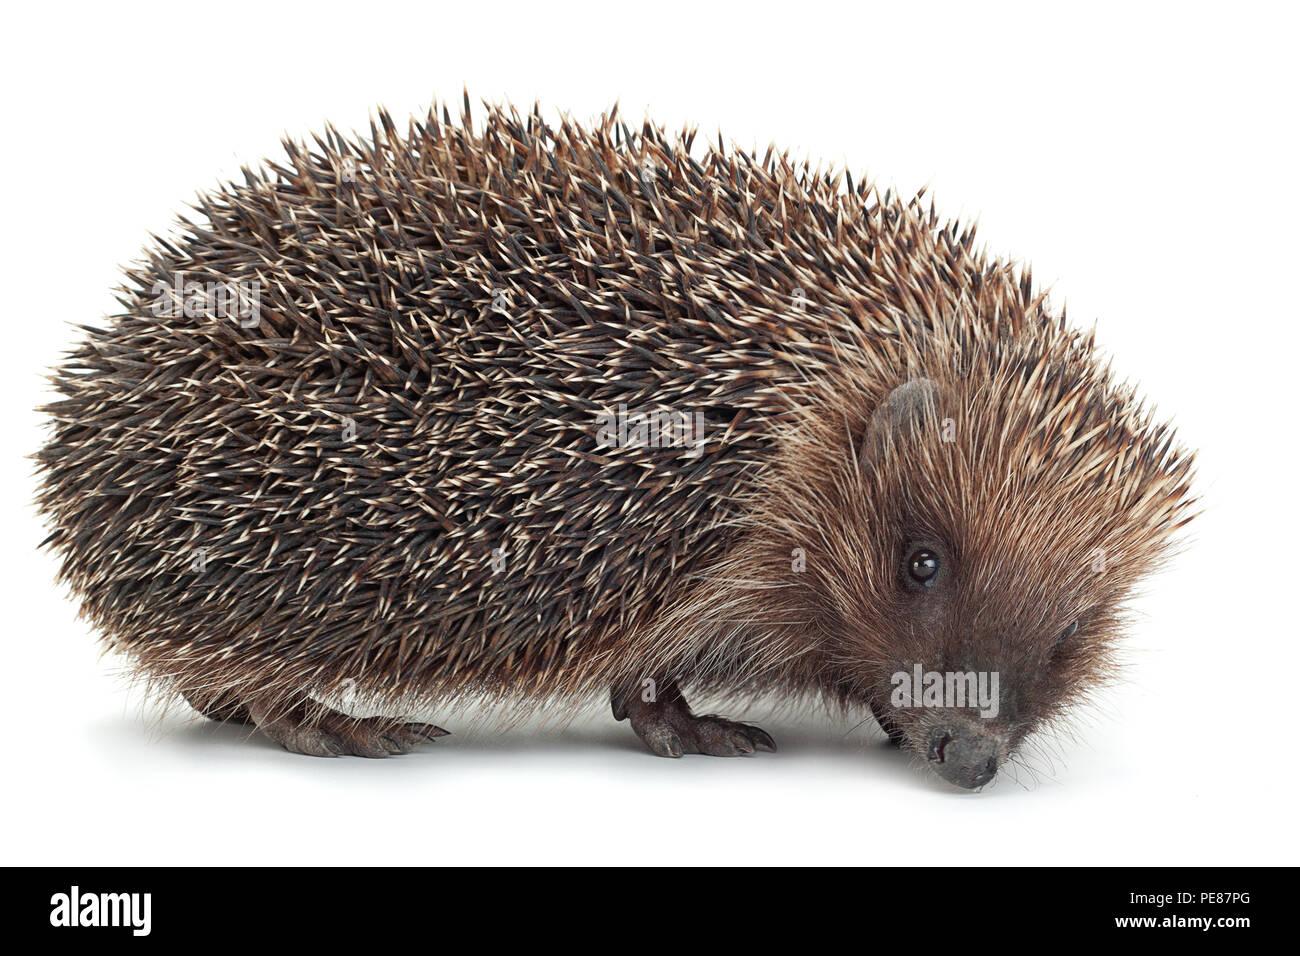 Hedgehog aniamal closeup isolated on white background - Stock Image